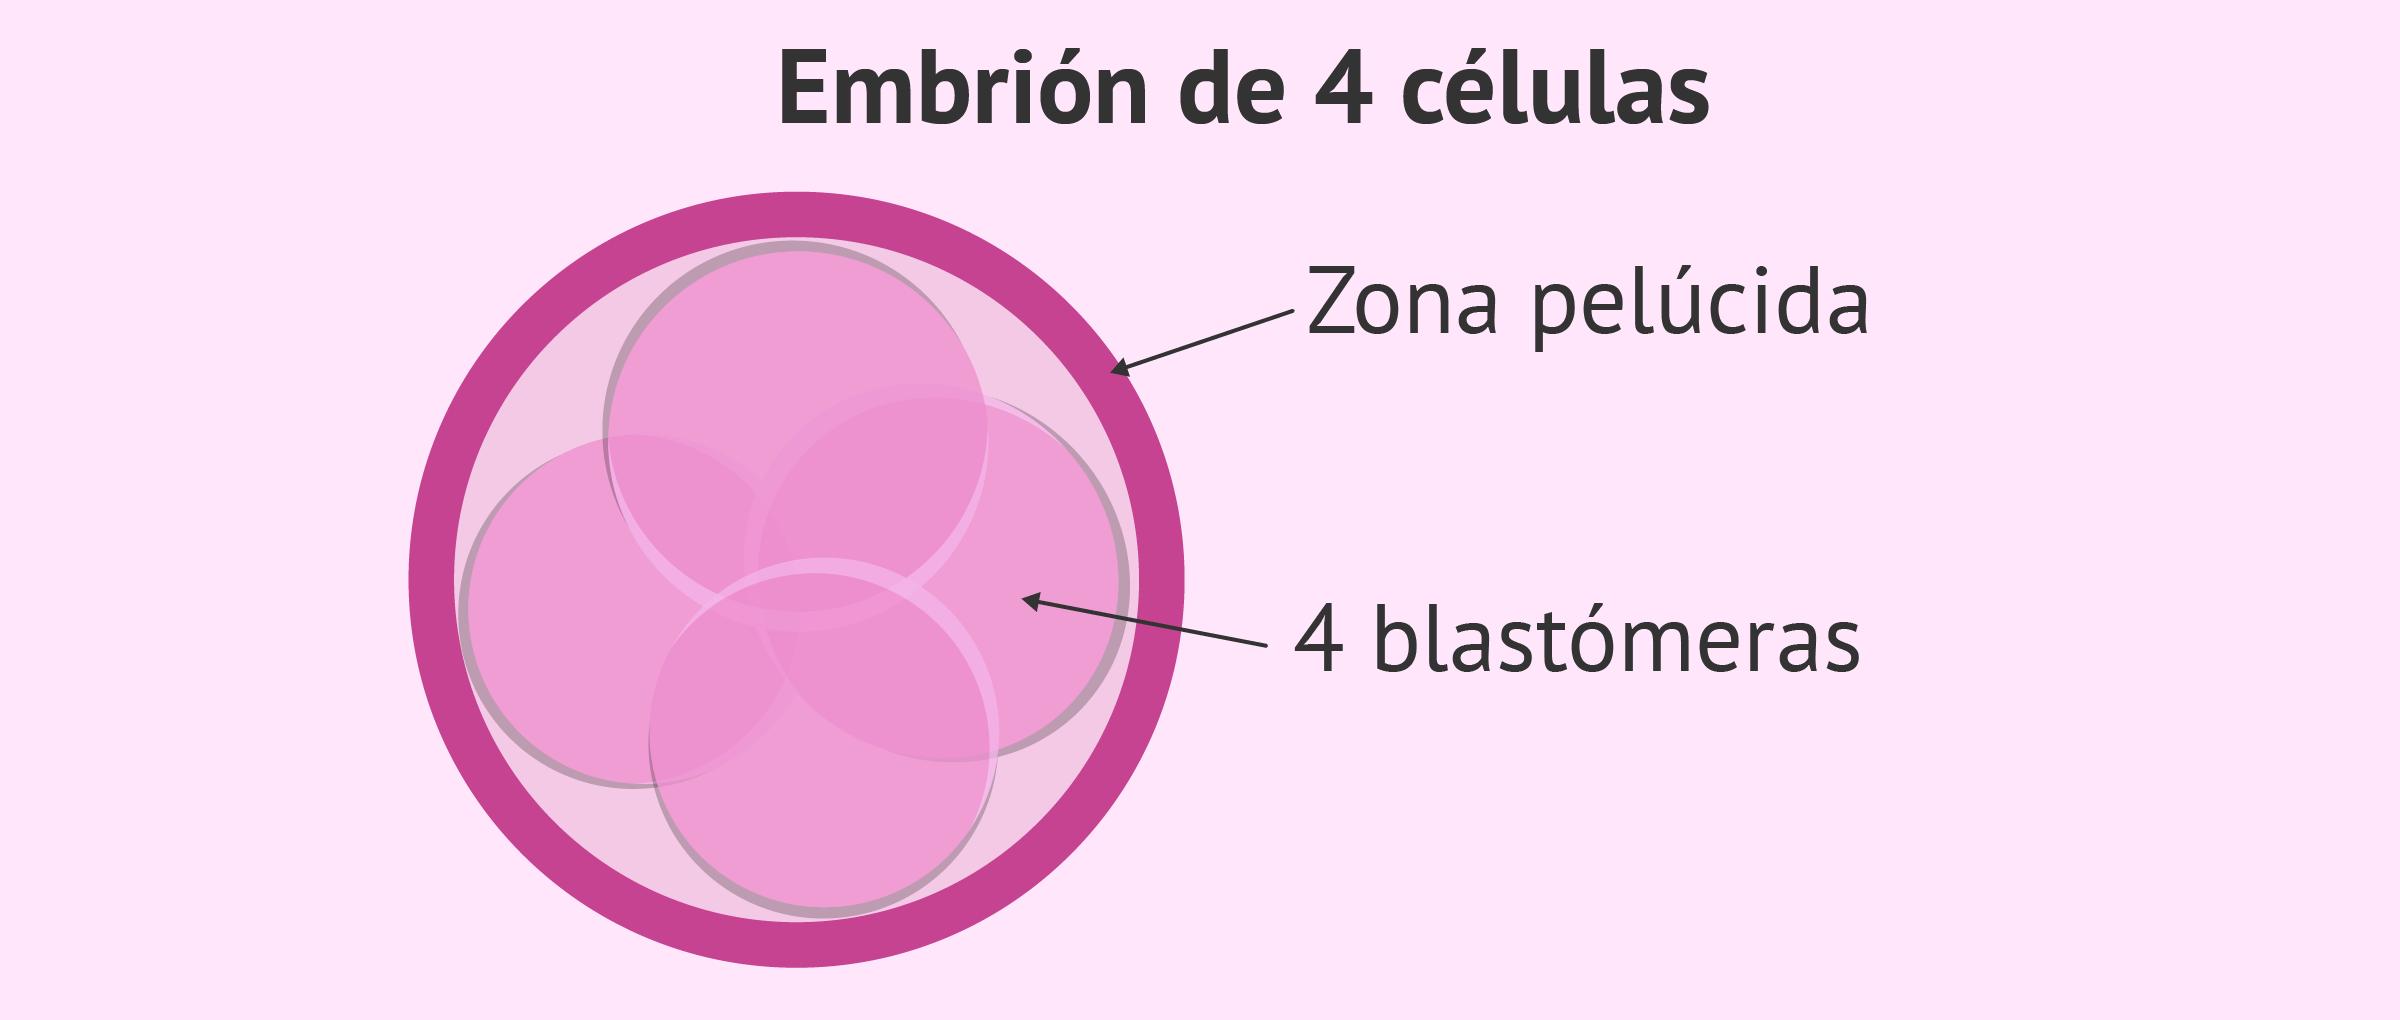 Estadio embrionario: embrión con 4 células